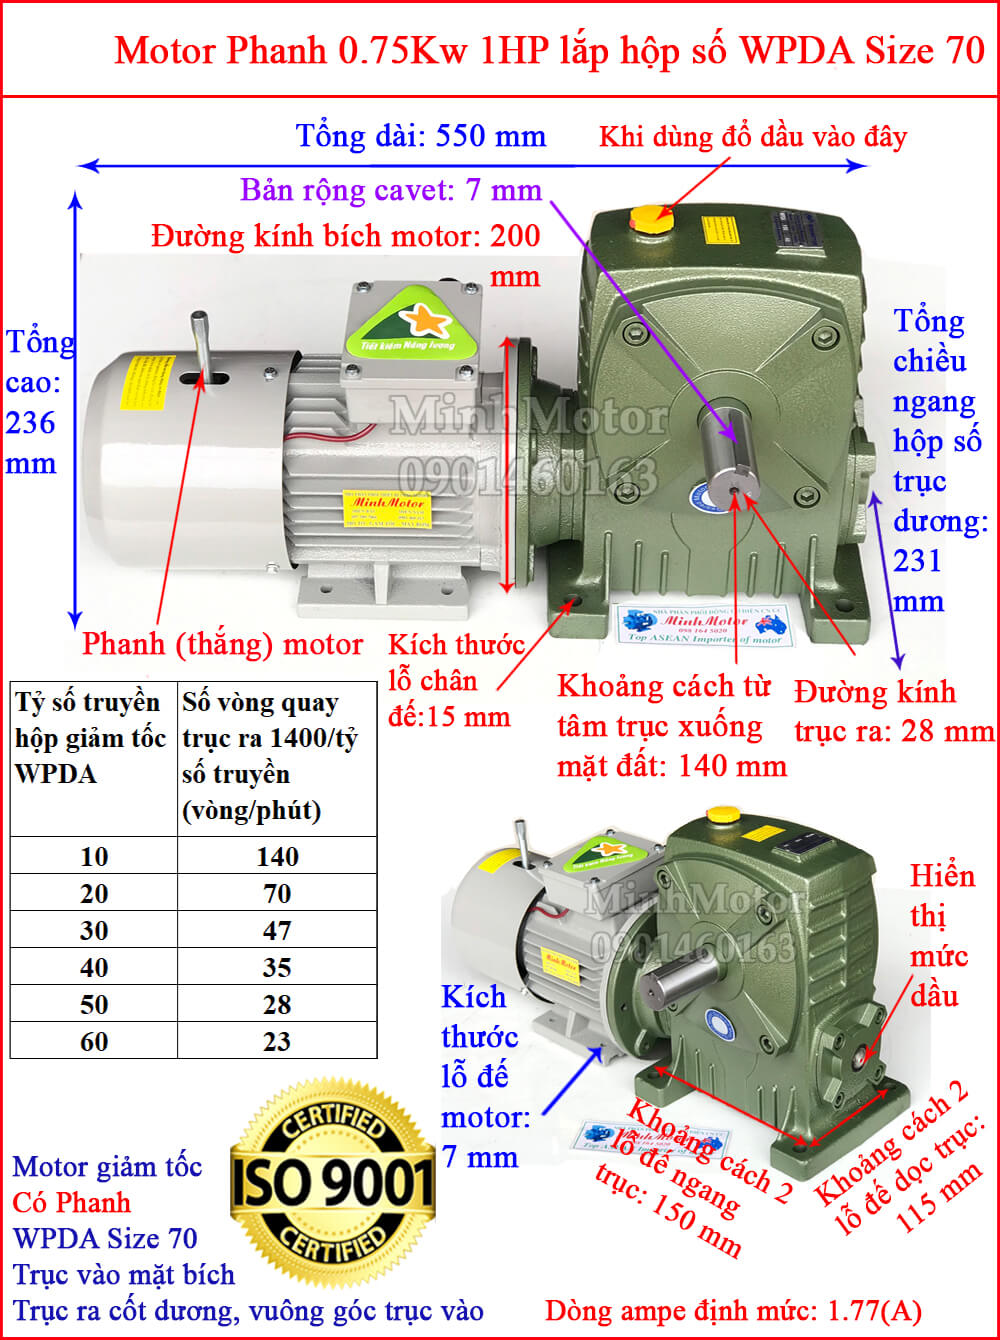 motor phanh 0.75kw 1hp liền hộp giảm tốc trục vít wpda size 70